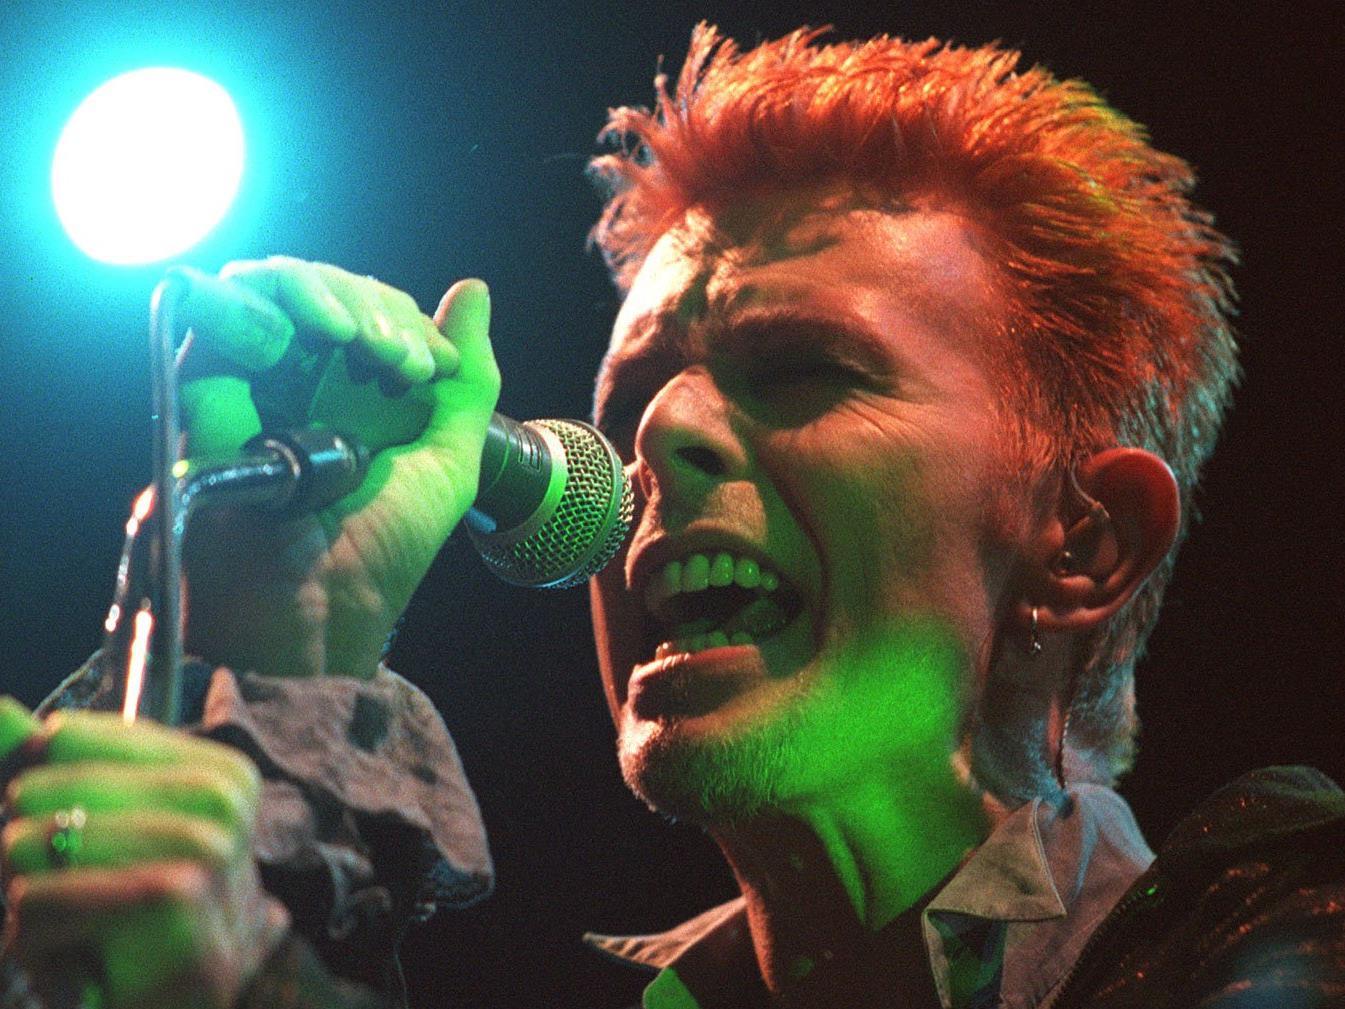 Der Tod von David Bowie (69) trifft viele Menschen weltweit.